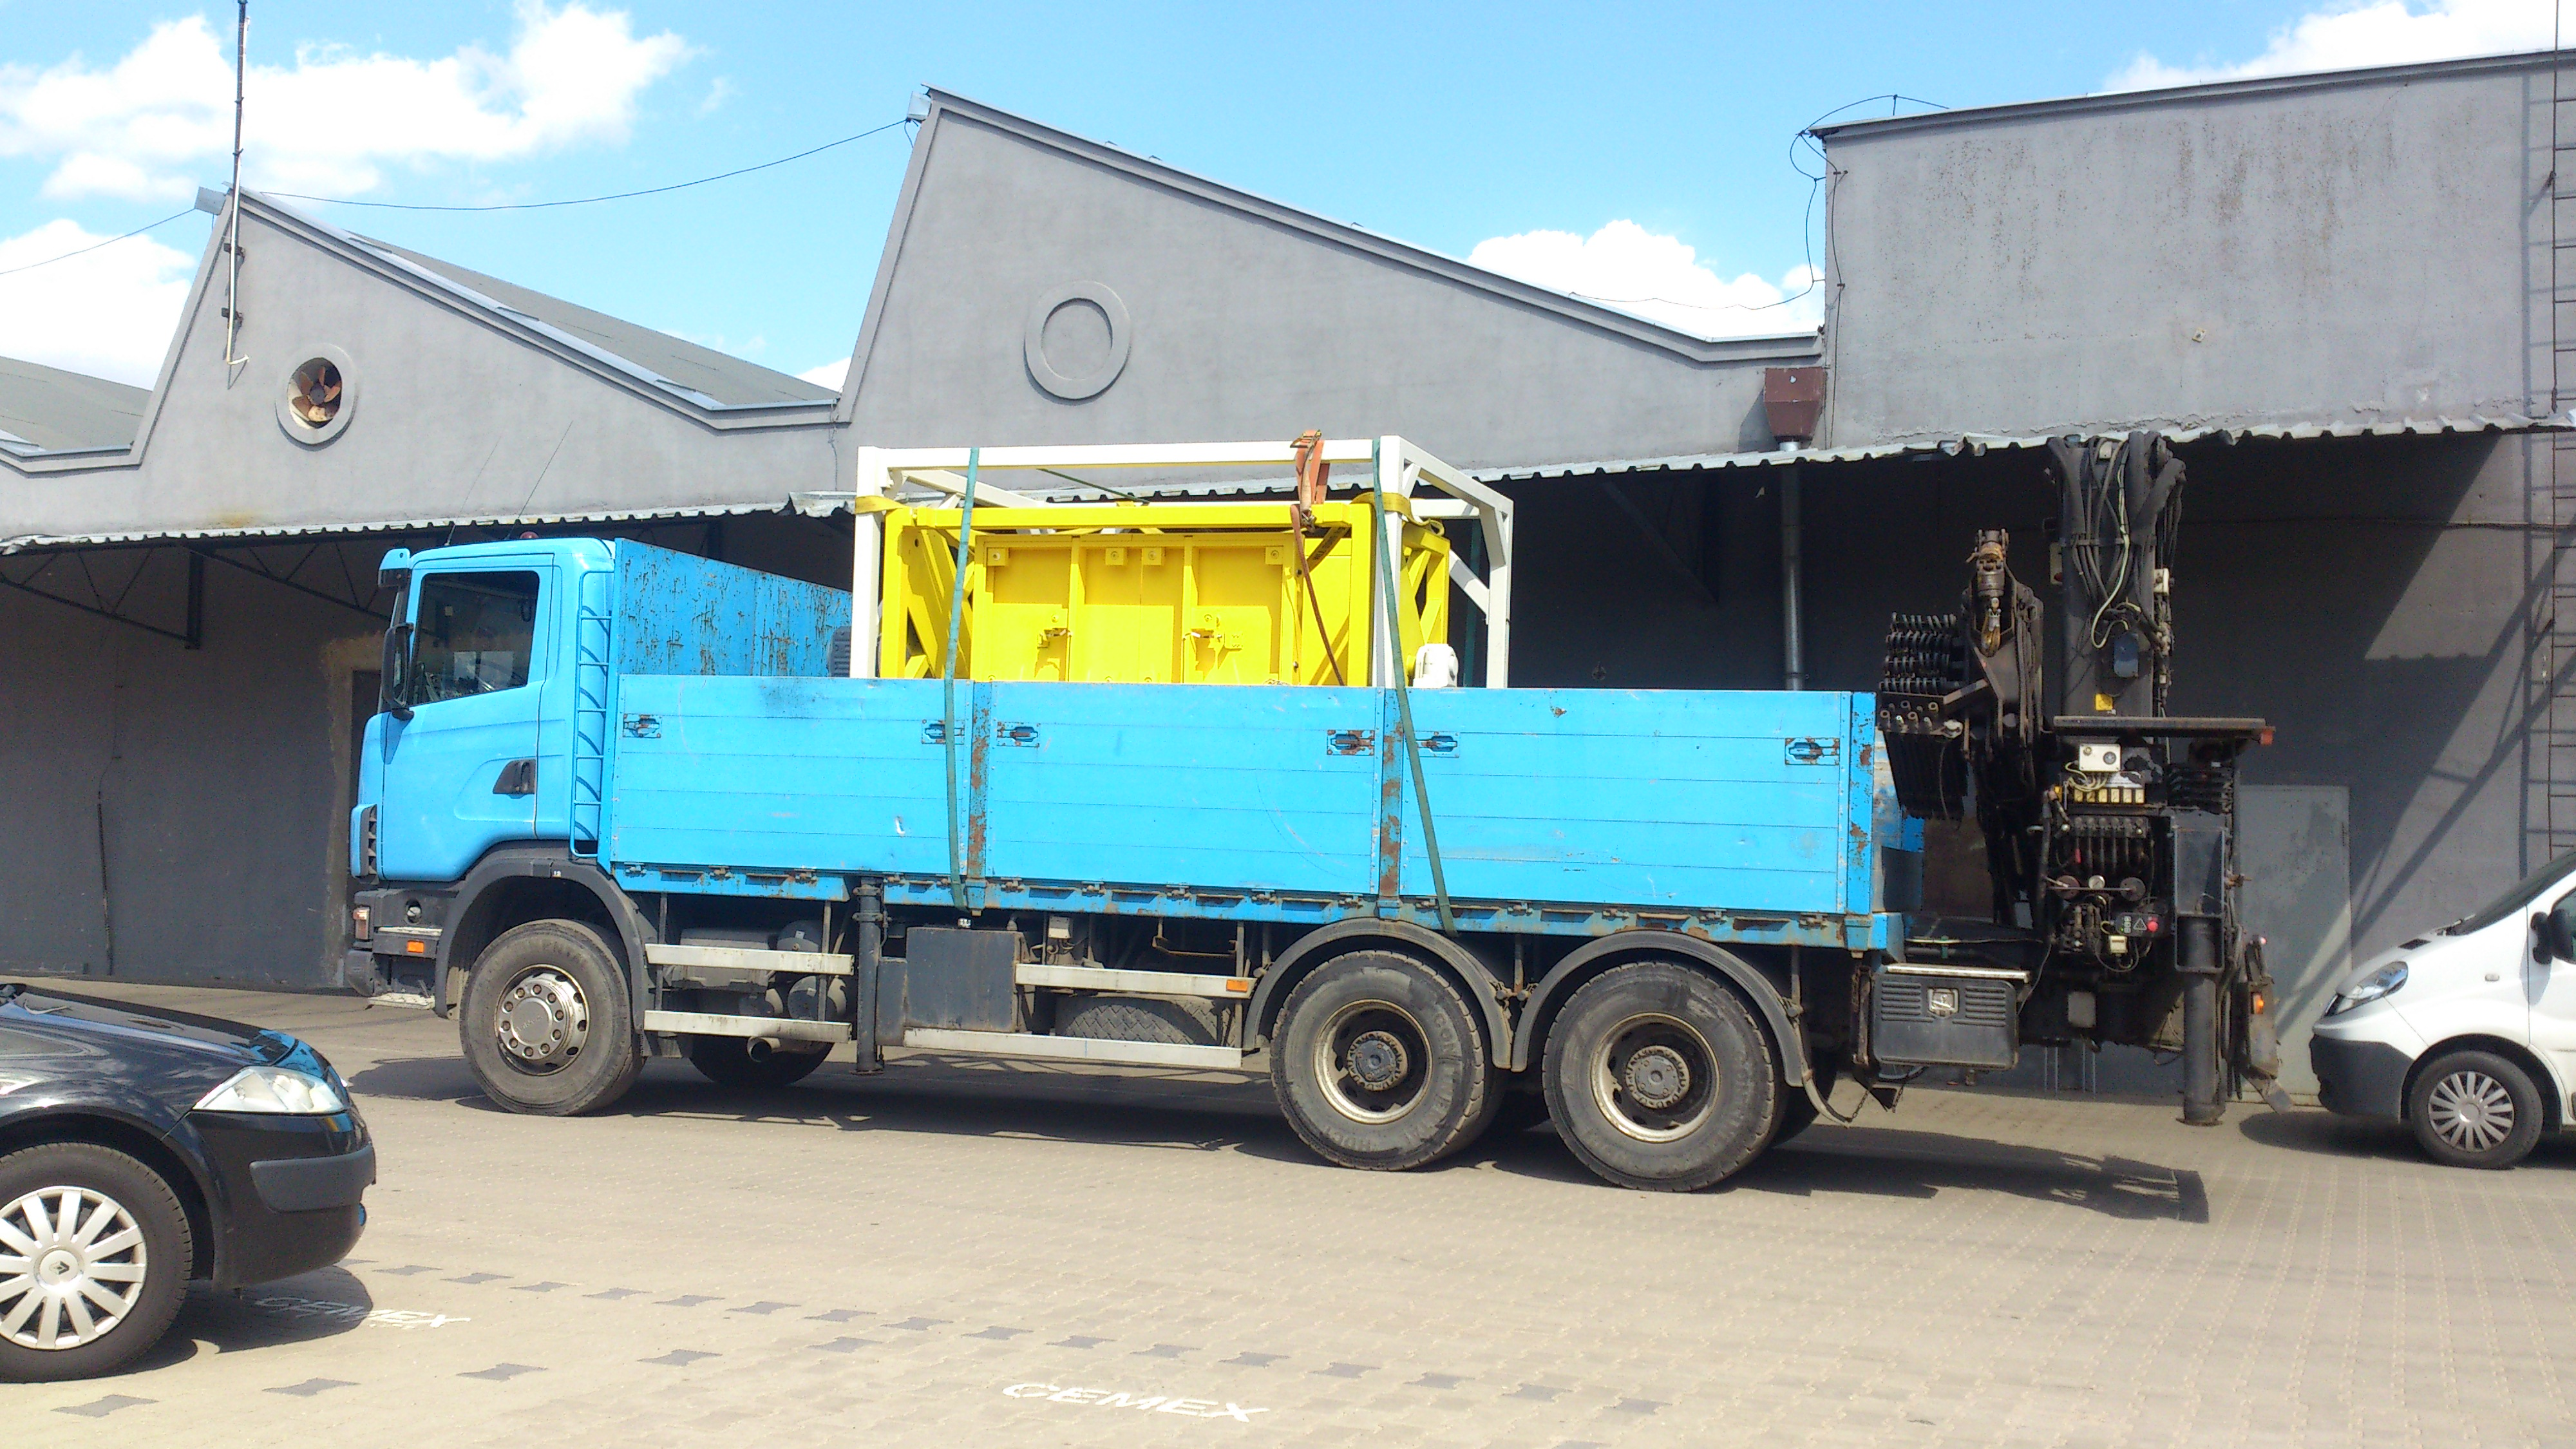 Przemieszczanie maszyn Łódź woj łódzkie